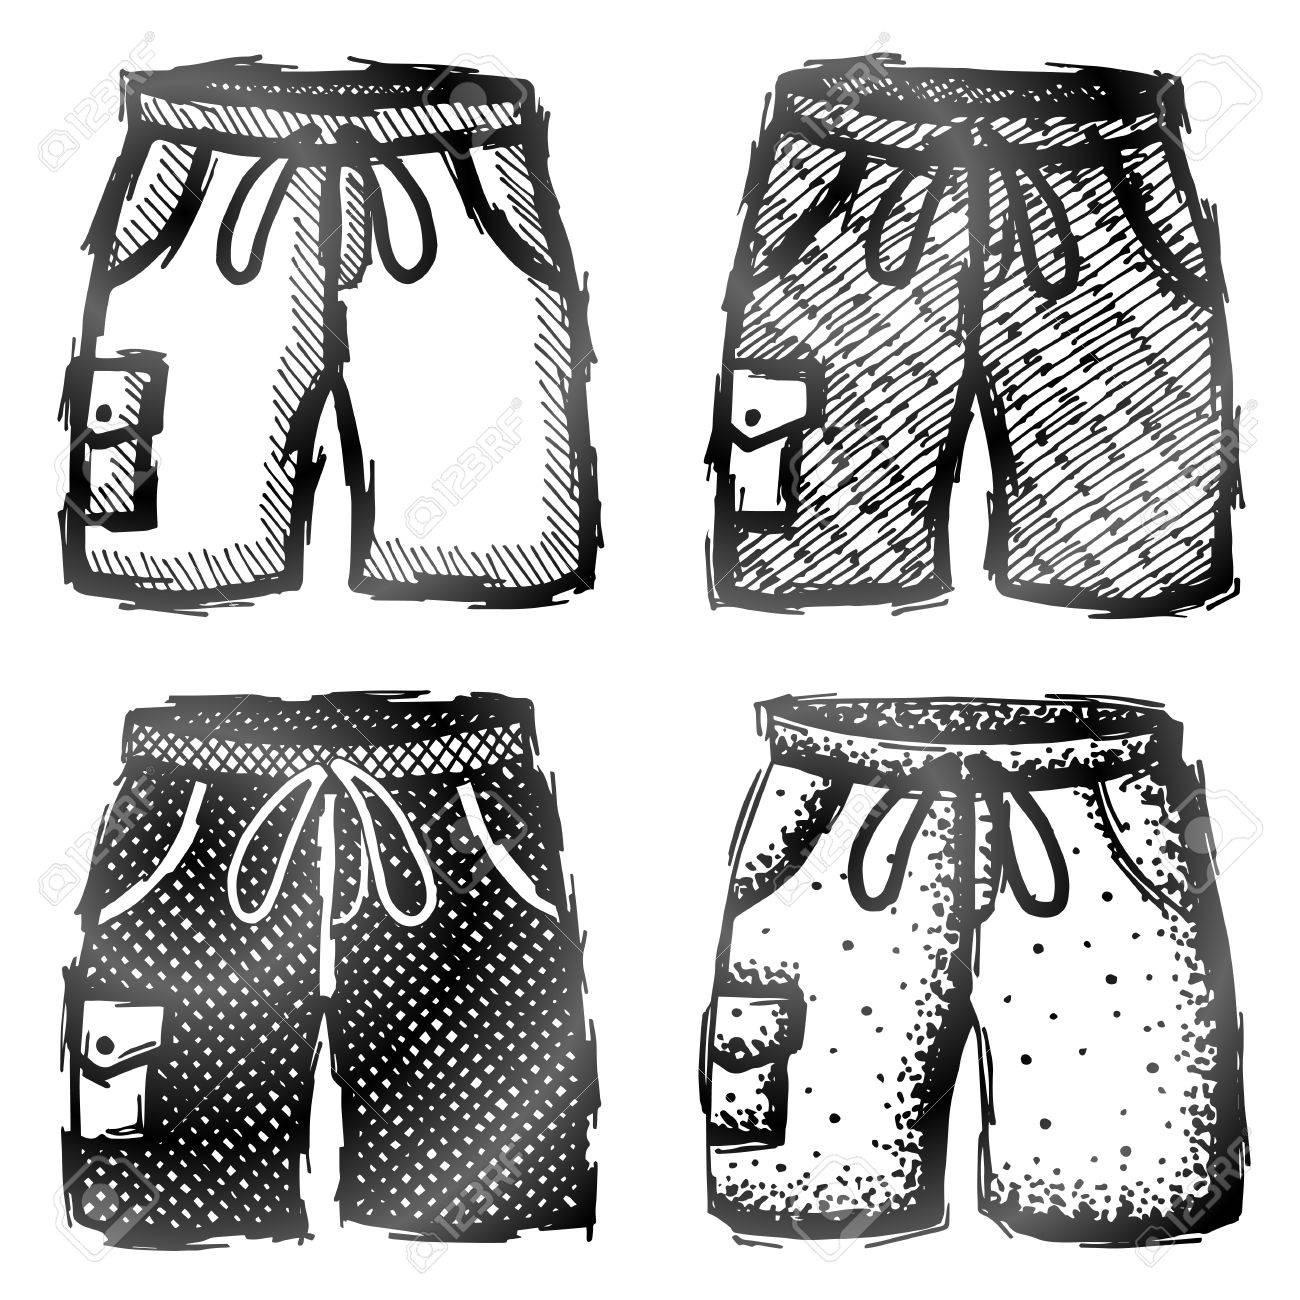 En Cualitativa DibujoIlustración Traje El BolsilloBoceto Mano Del A Baño Pantalones Con De Acerca Vectorial Estilo Dibujado La Cortos PO08wkn